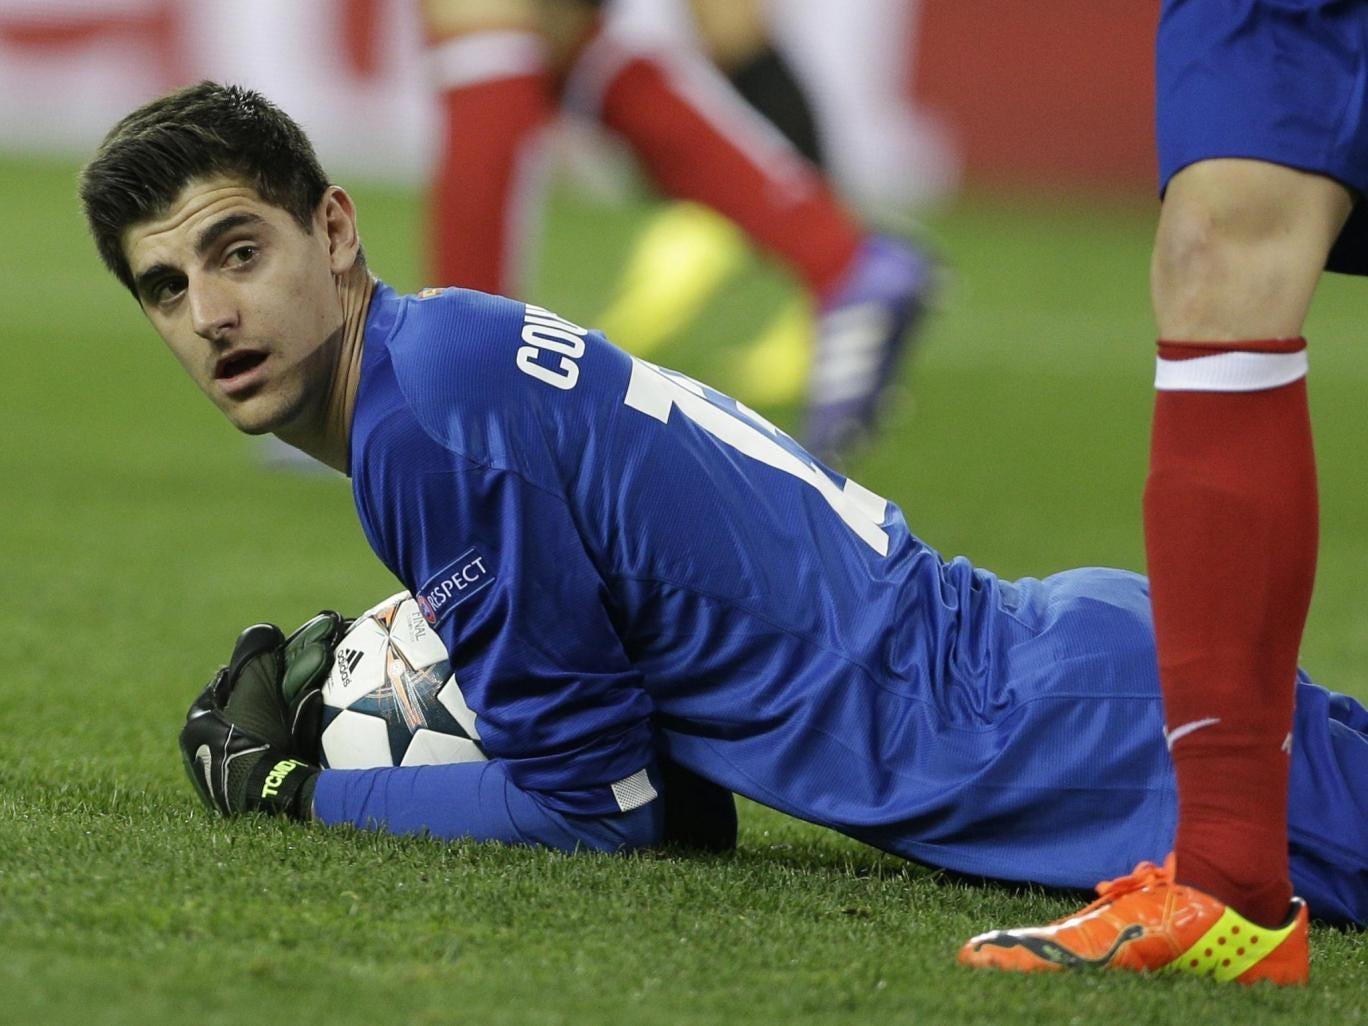 Courtois impressed for Atletico Madrid last season on loan